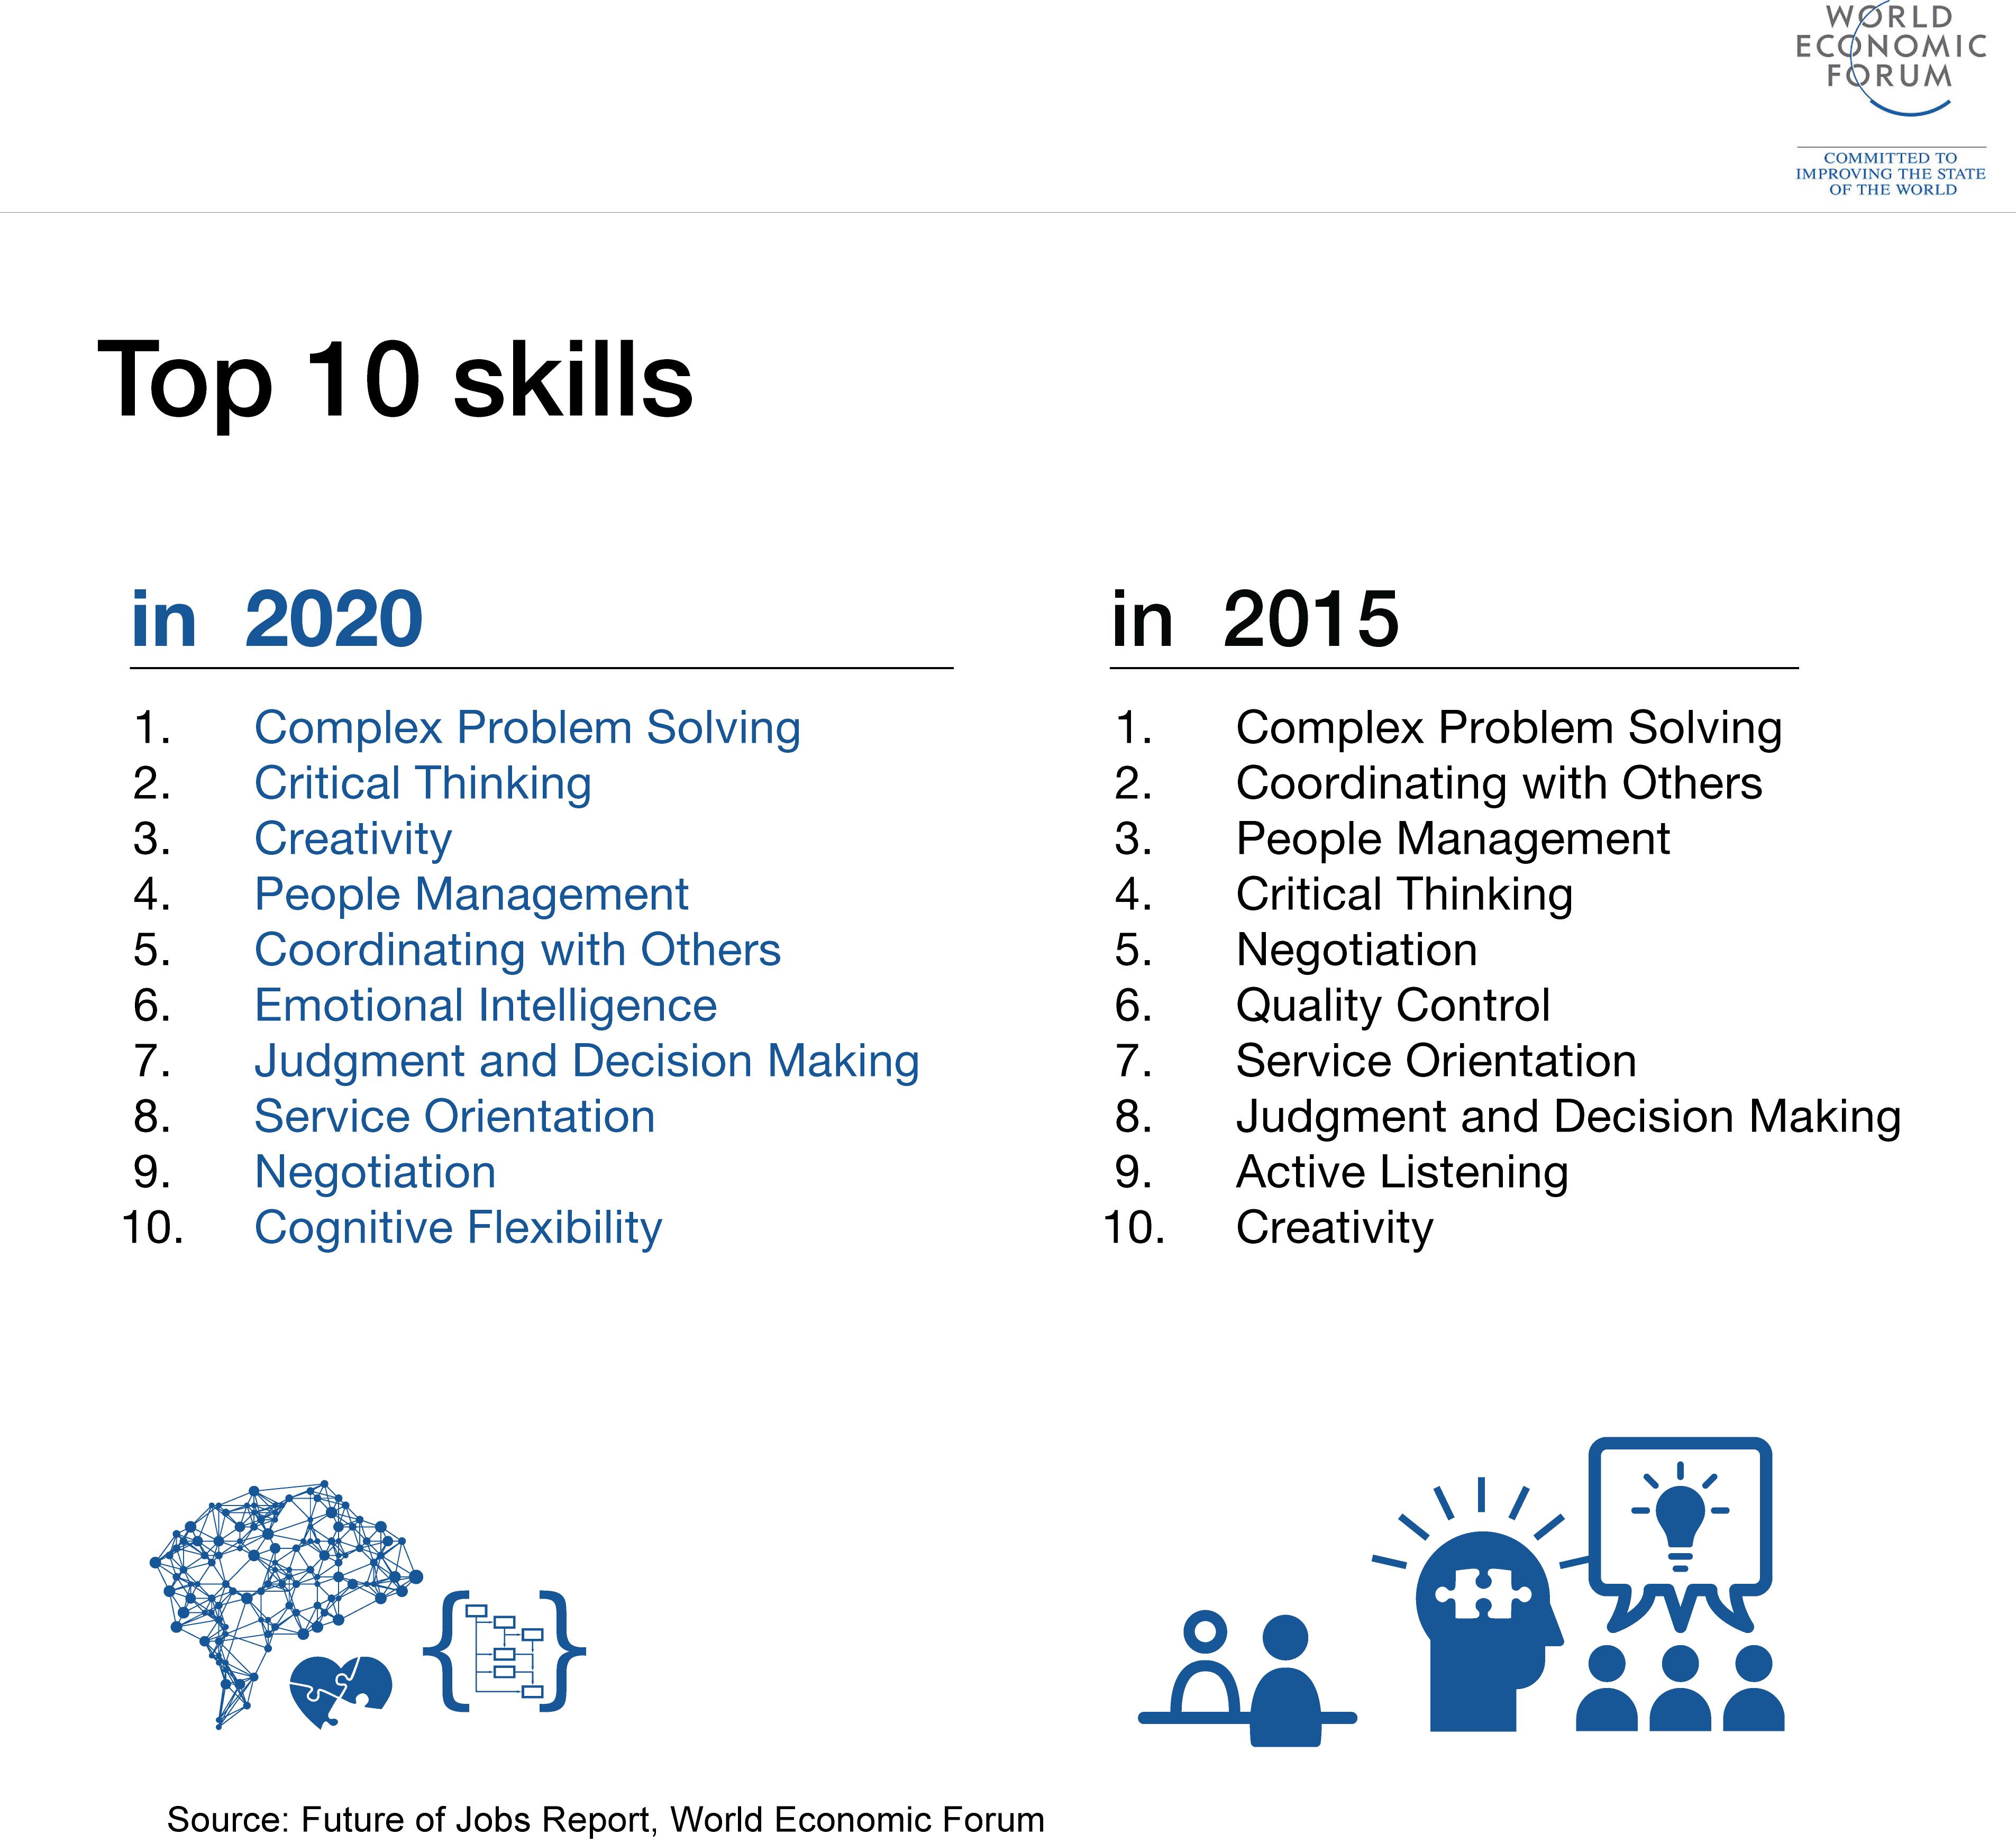 Les compétences souhaitables d'un candidat à l'emploi et leur évolution dans le temps.